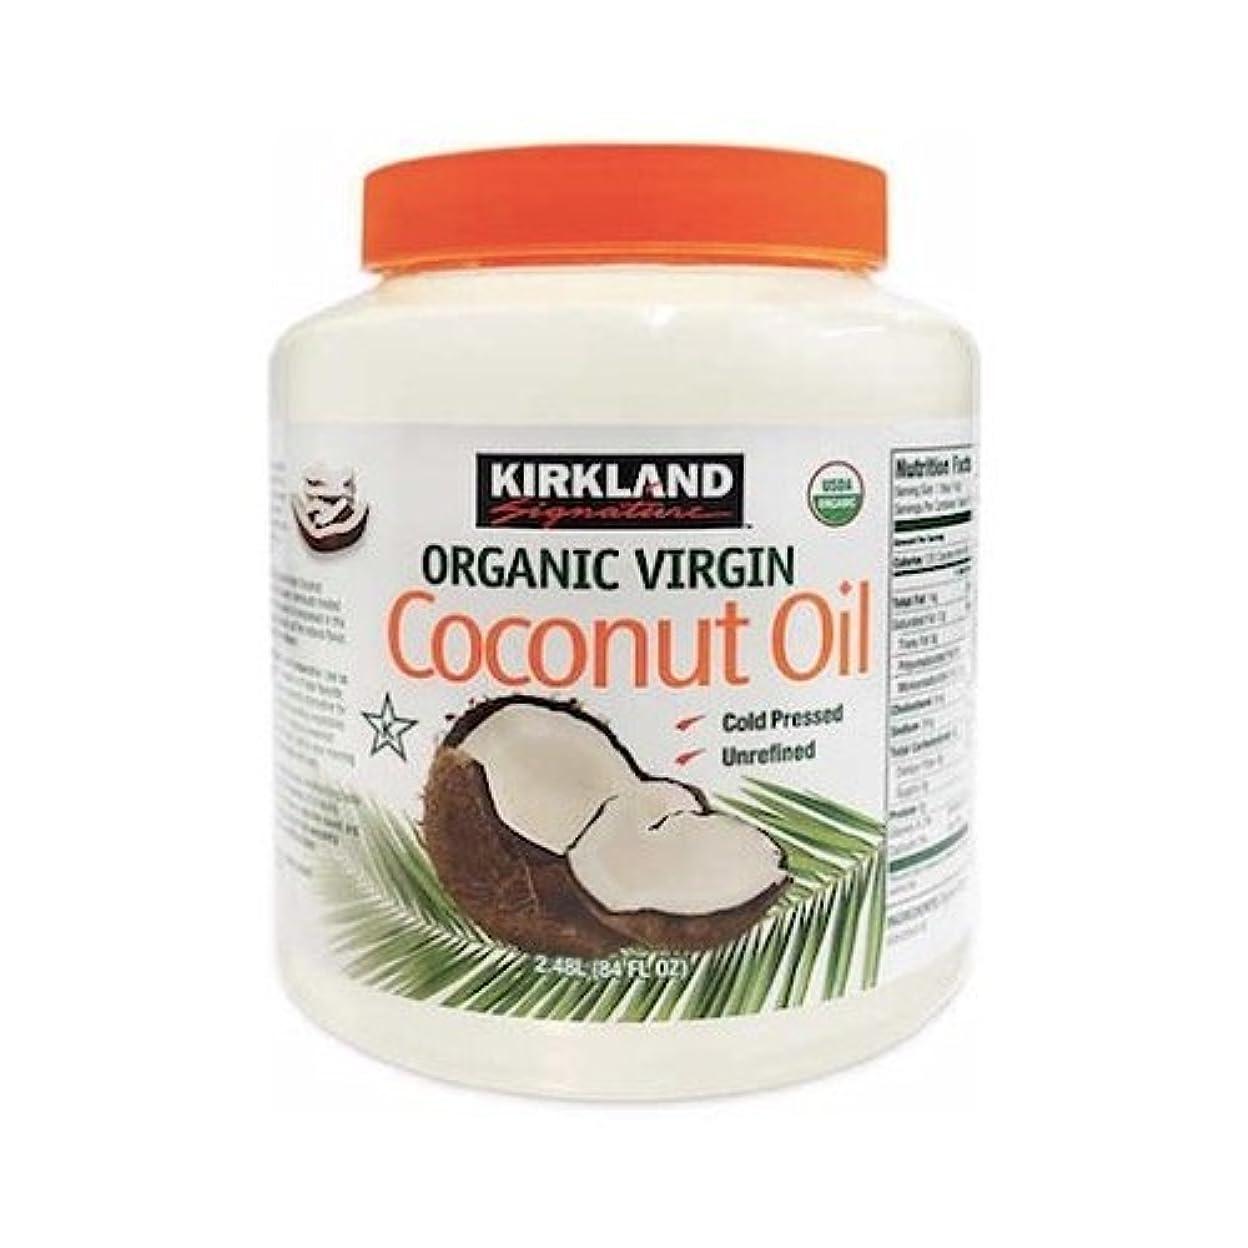 麺パドル推測するファンクティア MCTオイル【ジャンボサイズ】大容量 500ml x お得に3本セット 中鎖脂肪酸オイル(原材料ココナッツ由来100%)functia MCT Oil 500ml x 3 pcs Medium Chain Triglyceride Oil (From Coconut 100%) チブギス CIVGIS